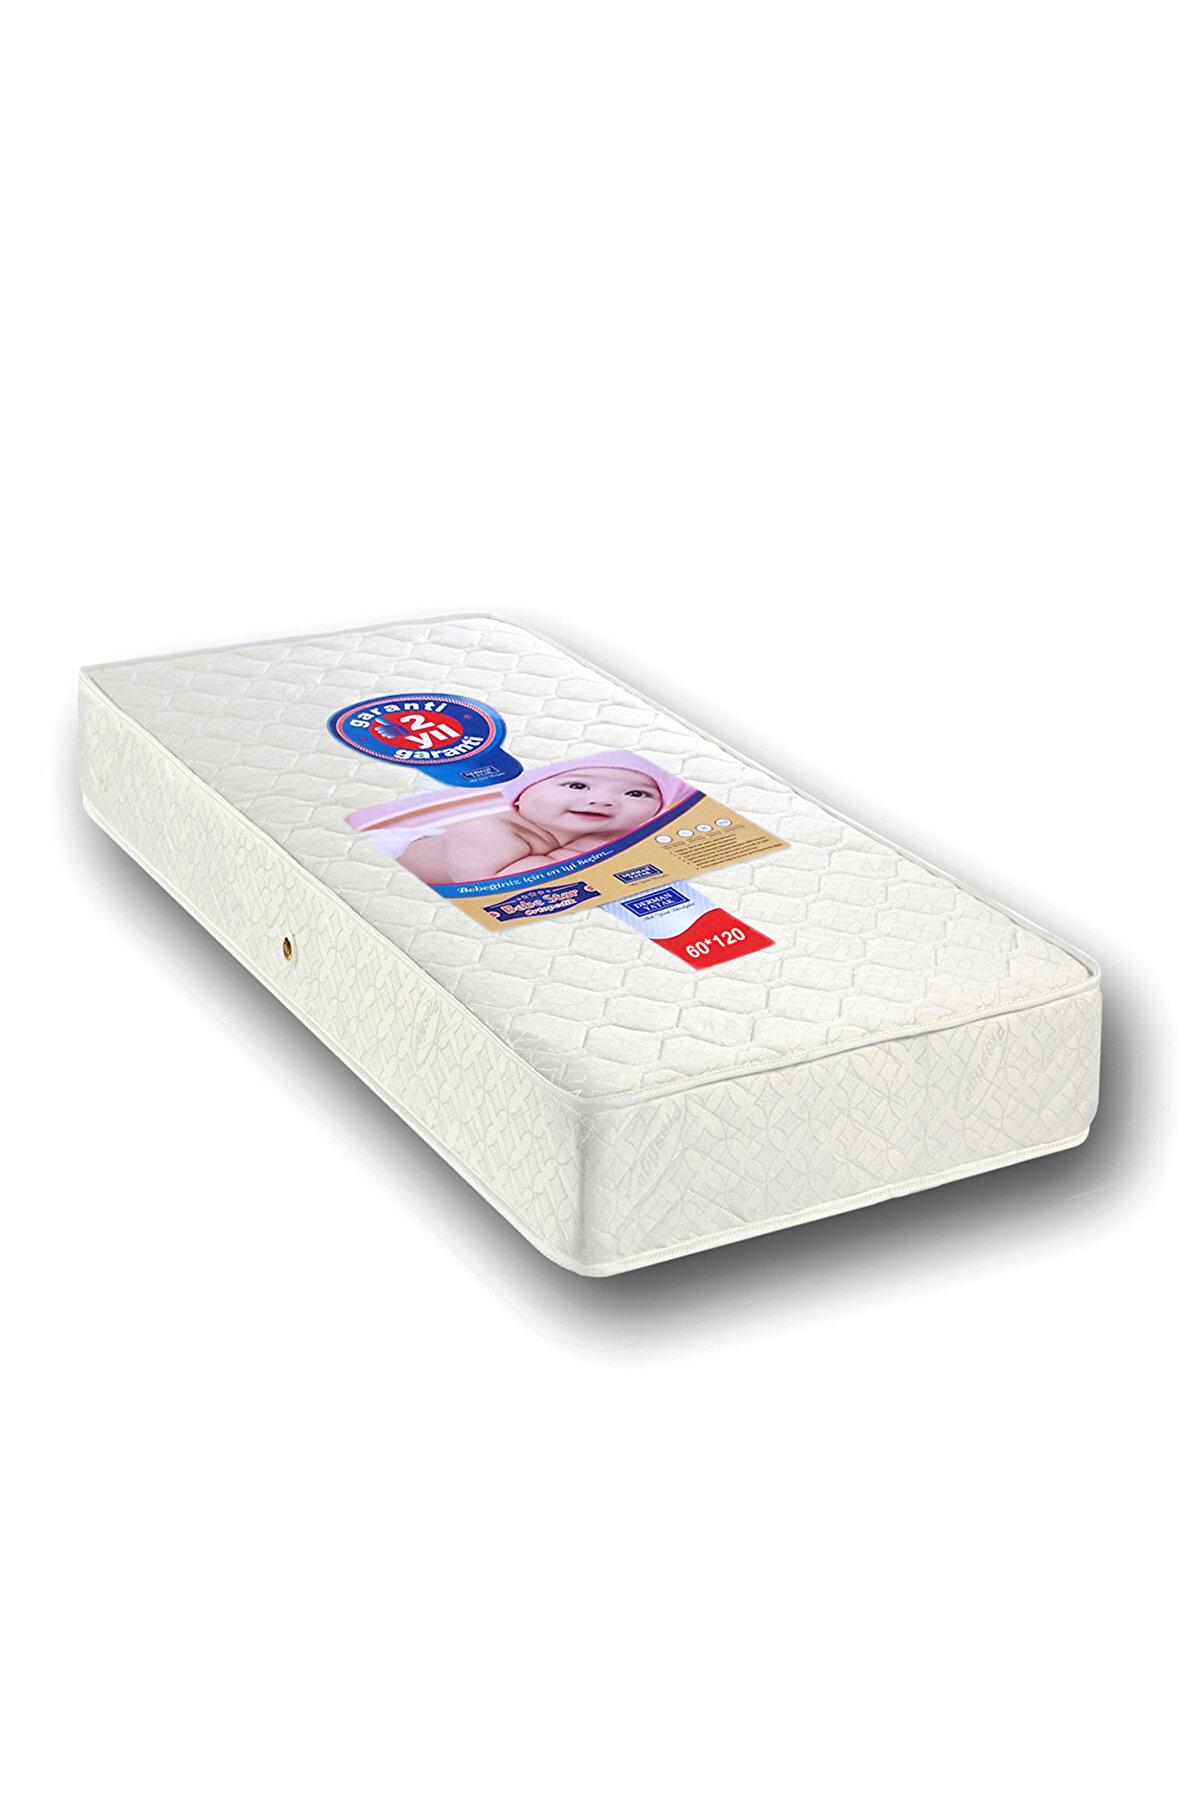 Mobpazar Derman Yatak Bebek Yatağı 60 x 120 cm Ortopedik Bebek Yatakları